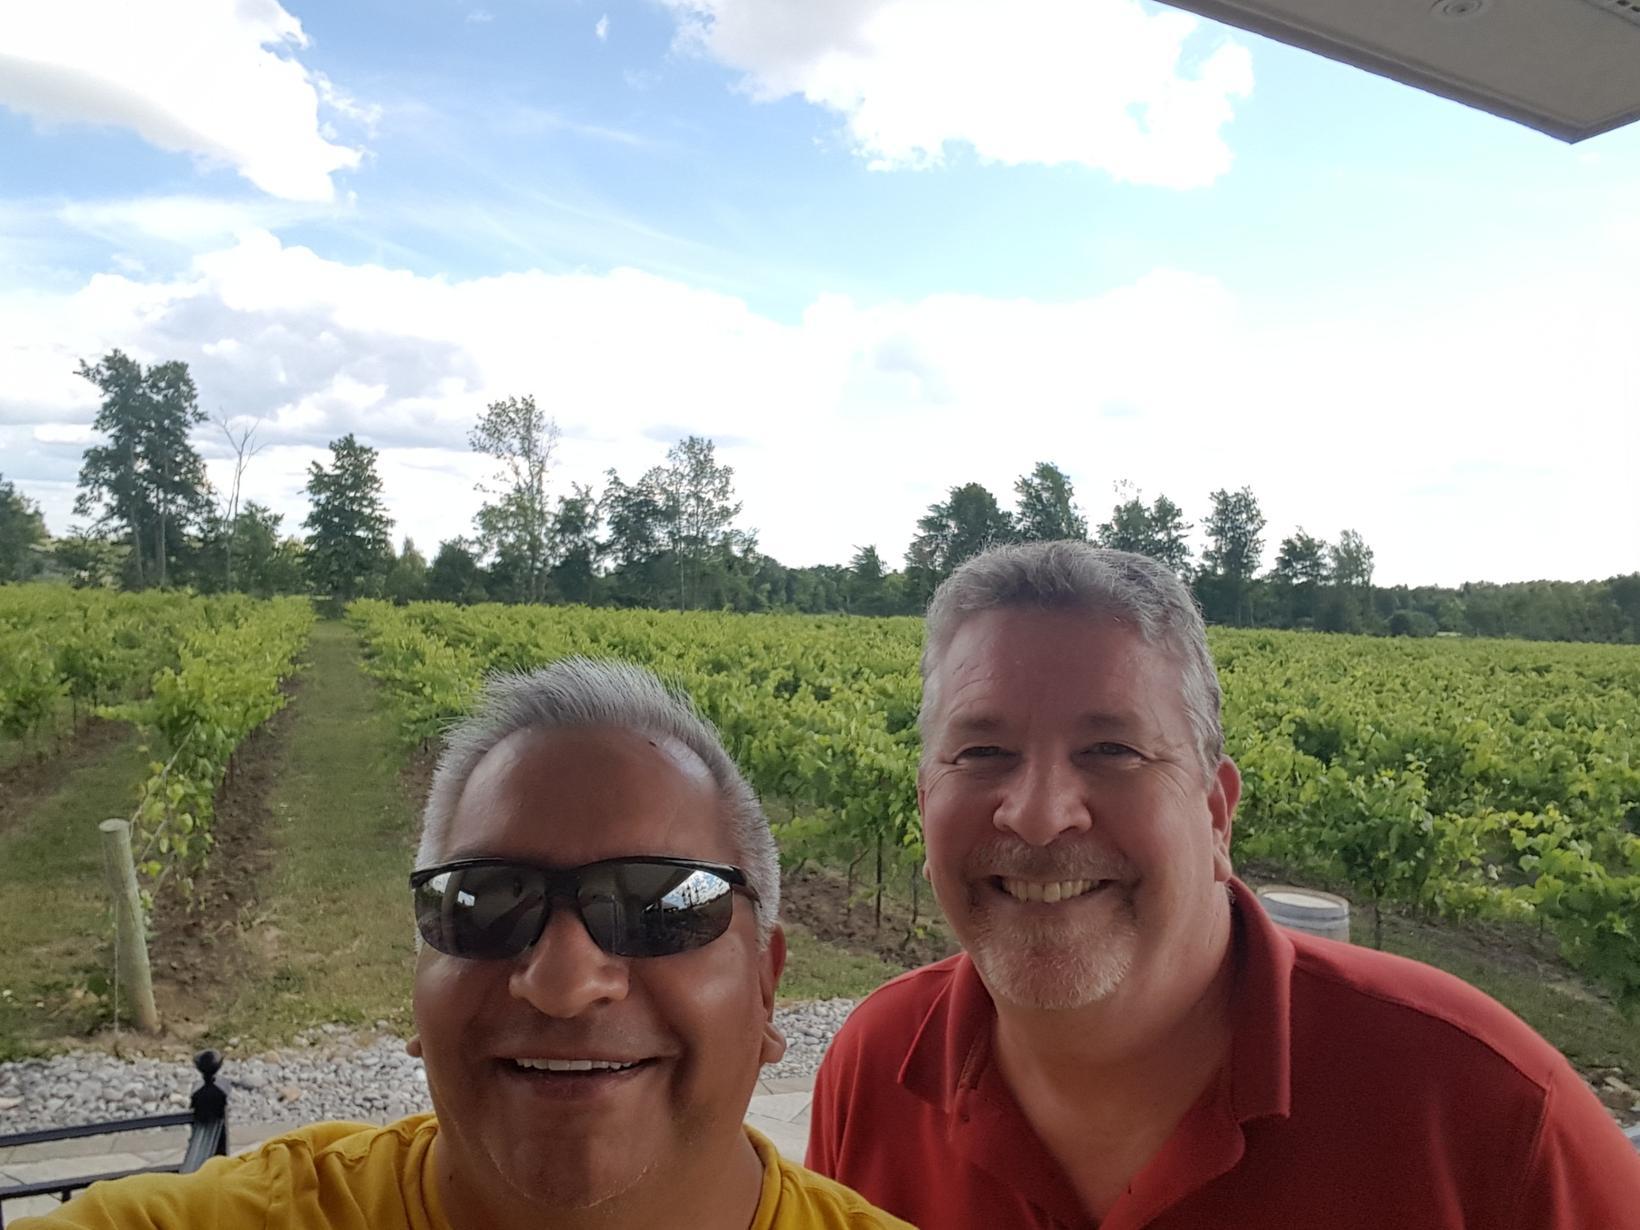 Graeme & John from Toronto, Ontario, Canada